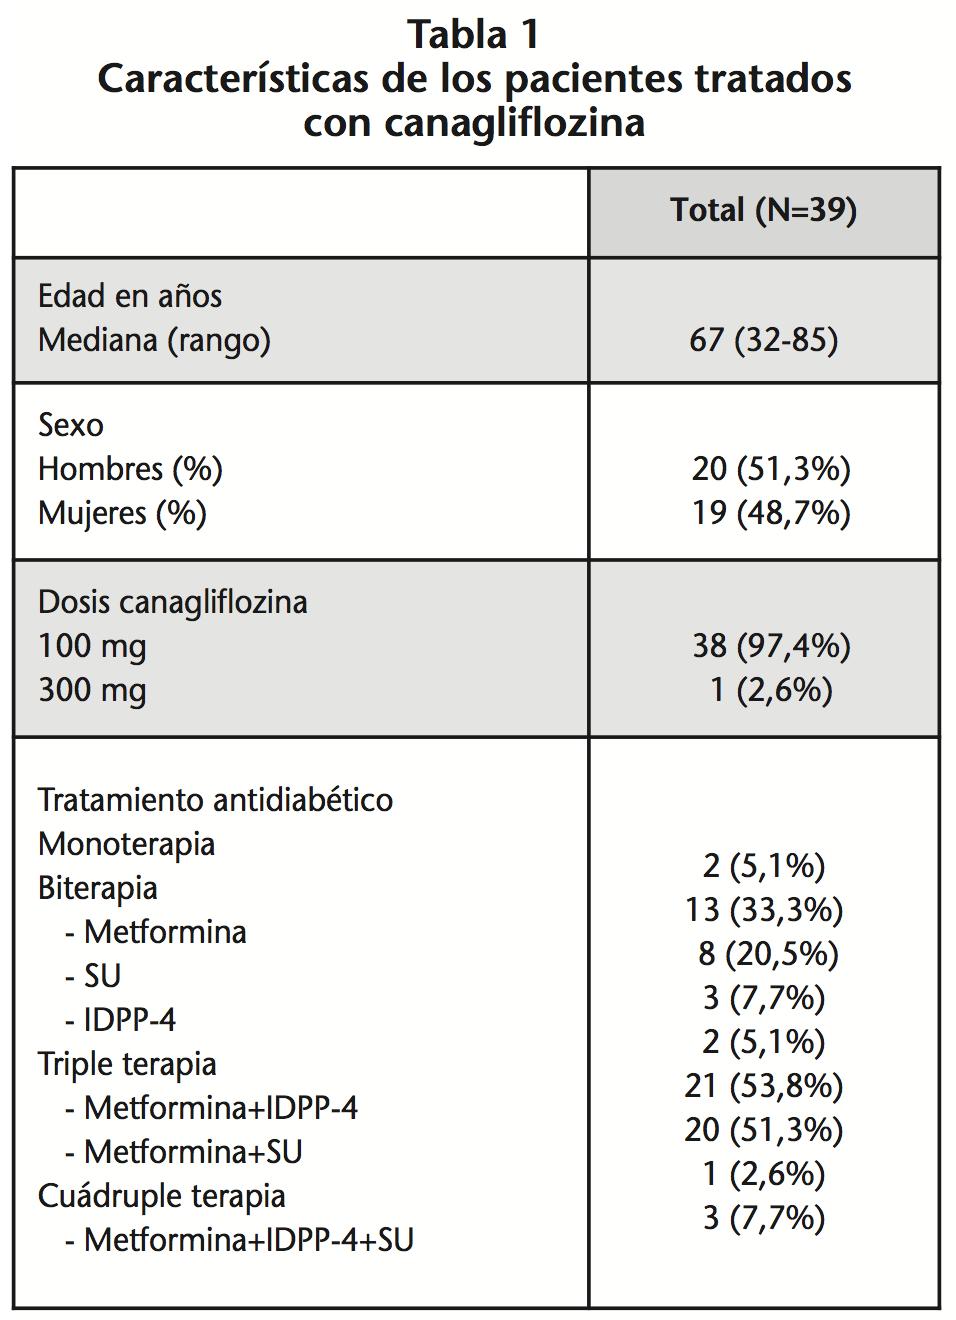 Seguridad de canagliflozina en la práctica clínica. Serie